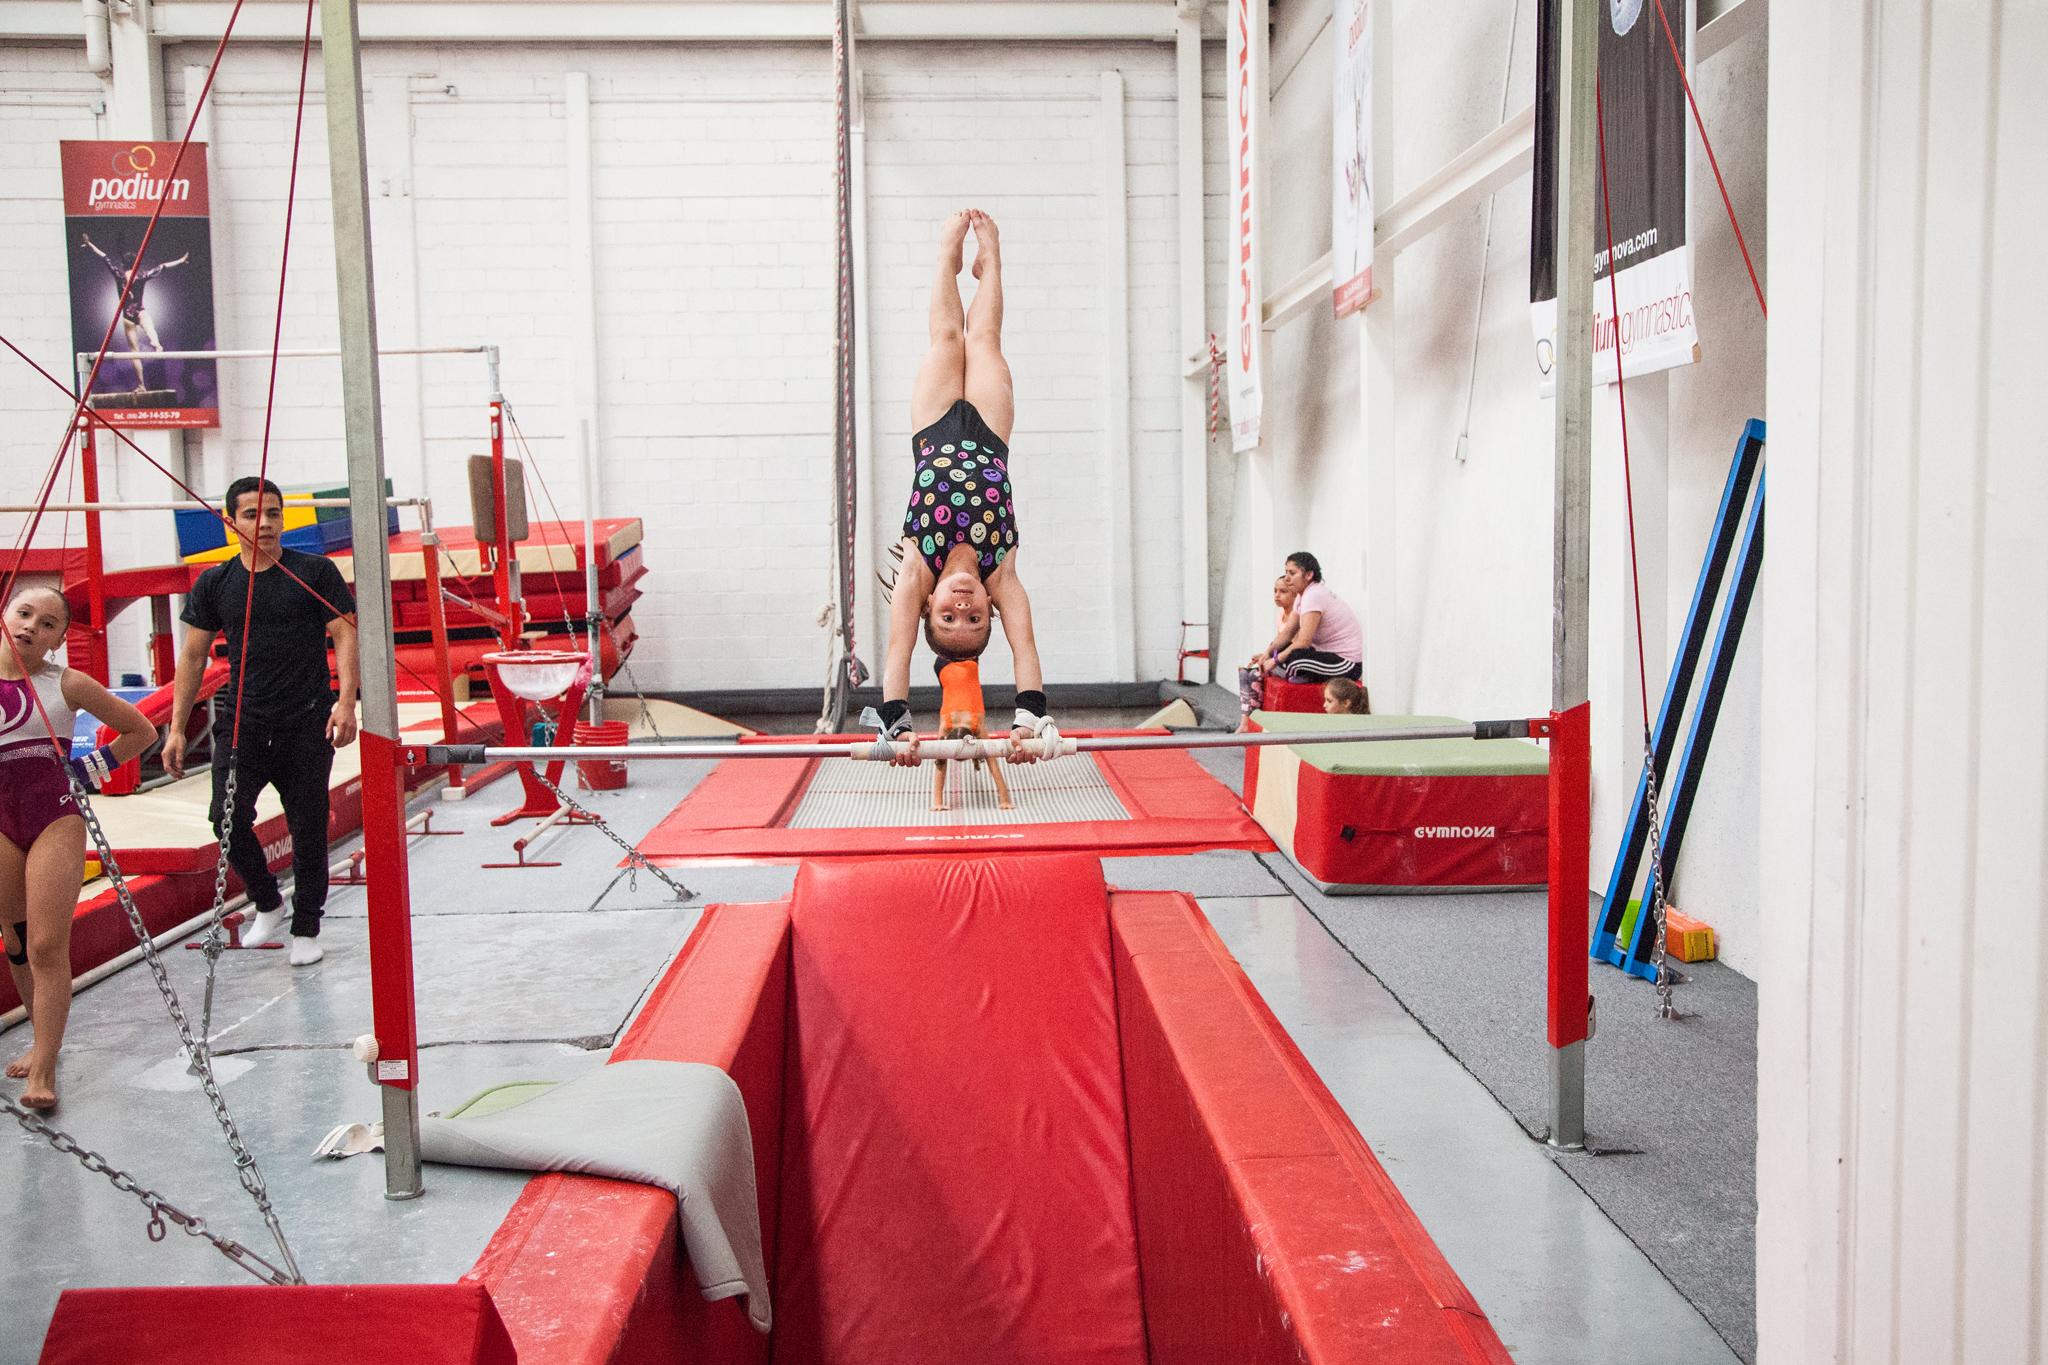 Podium Gymnastics